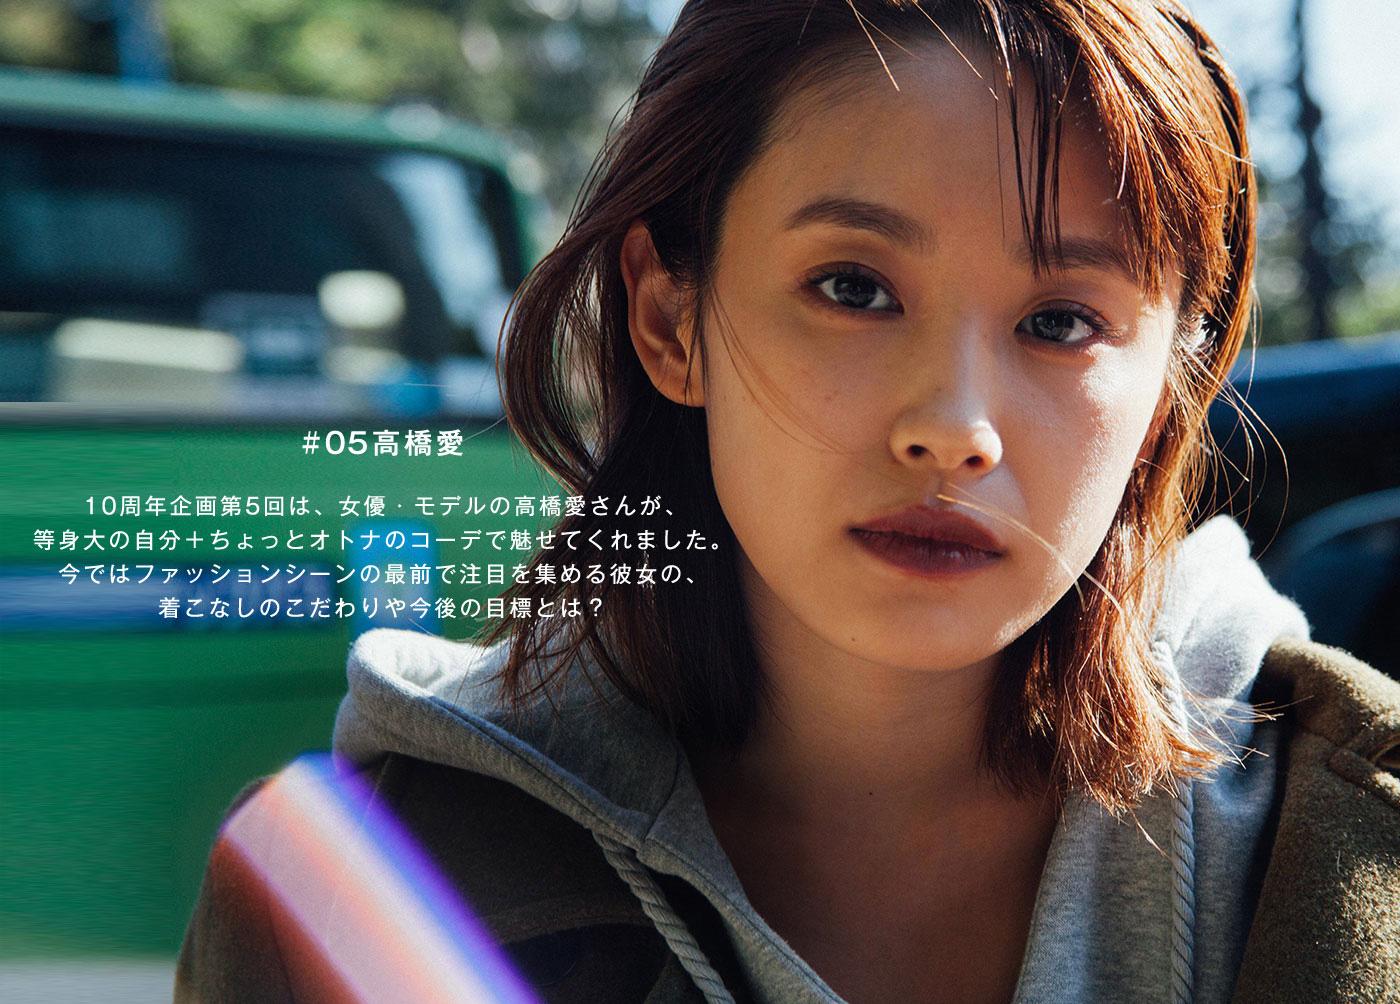 #05 高橋愛